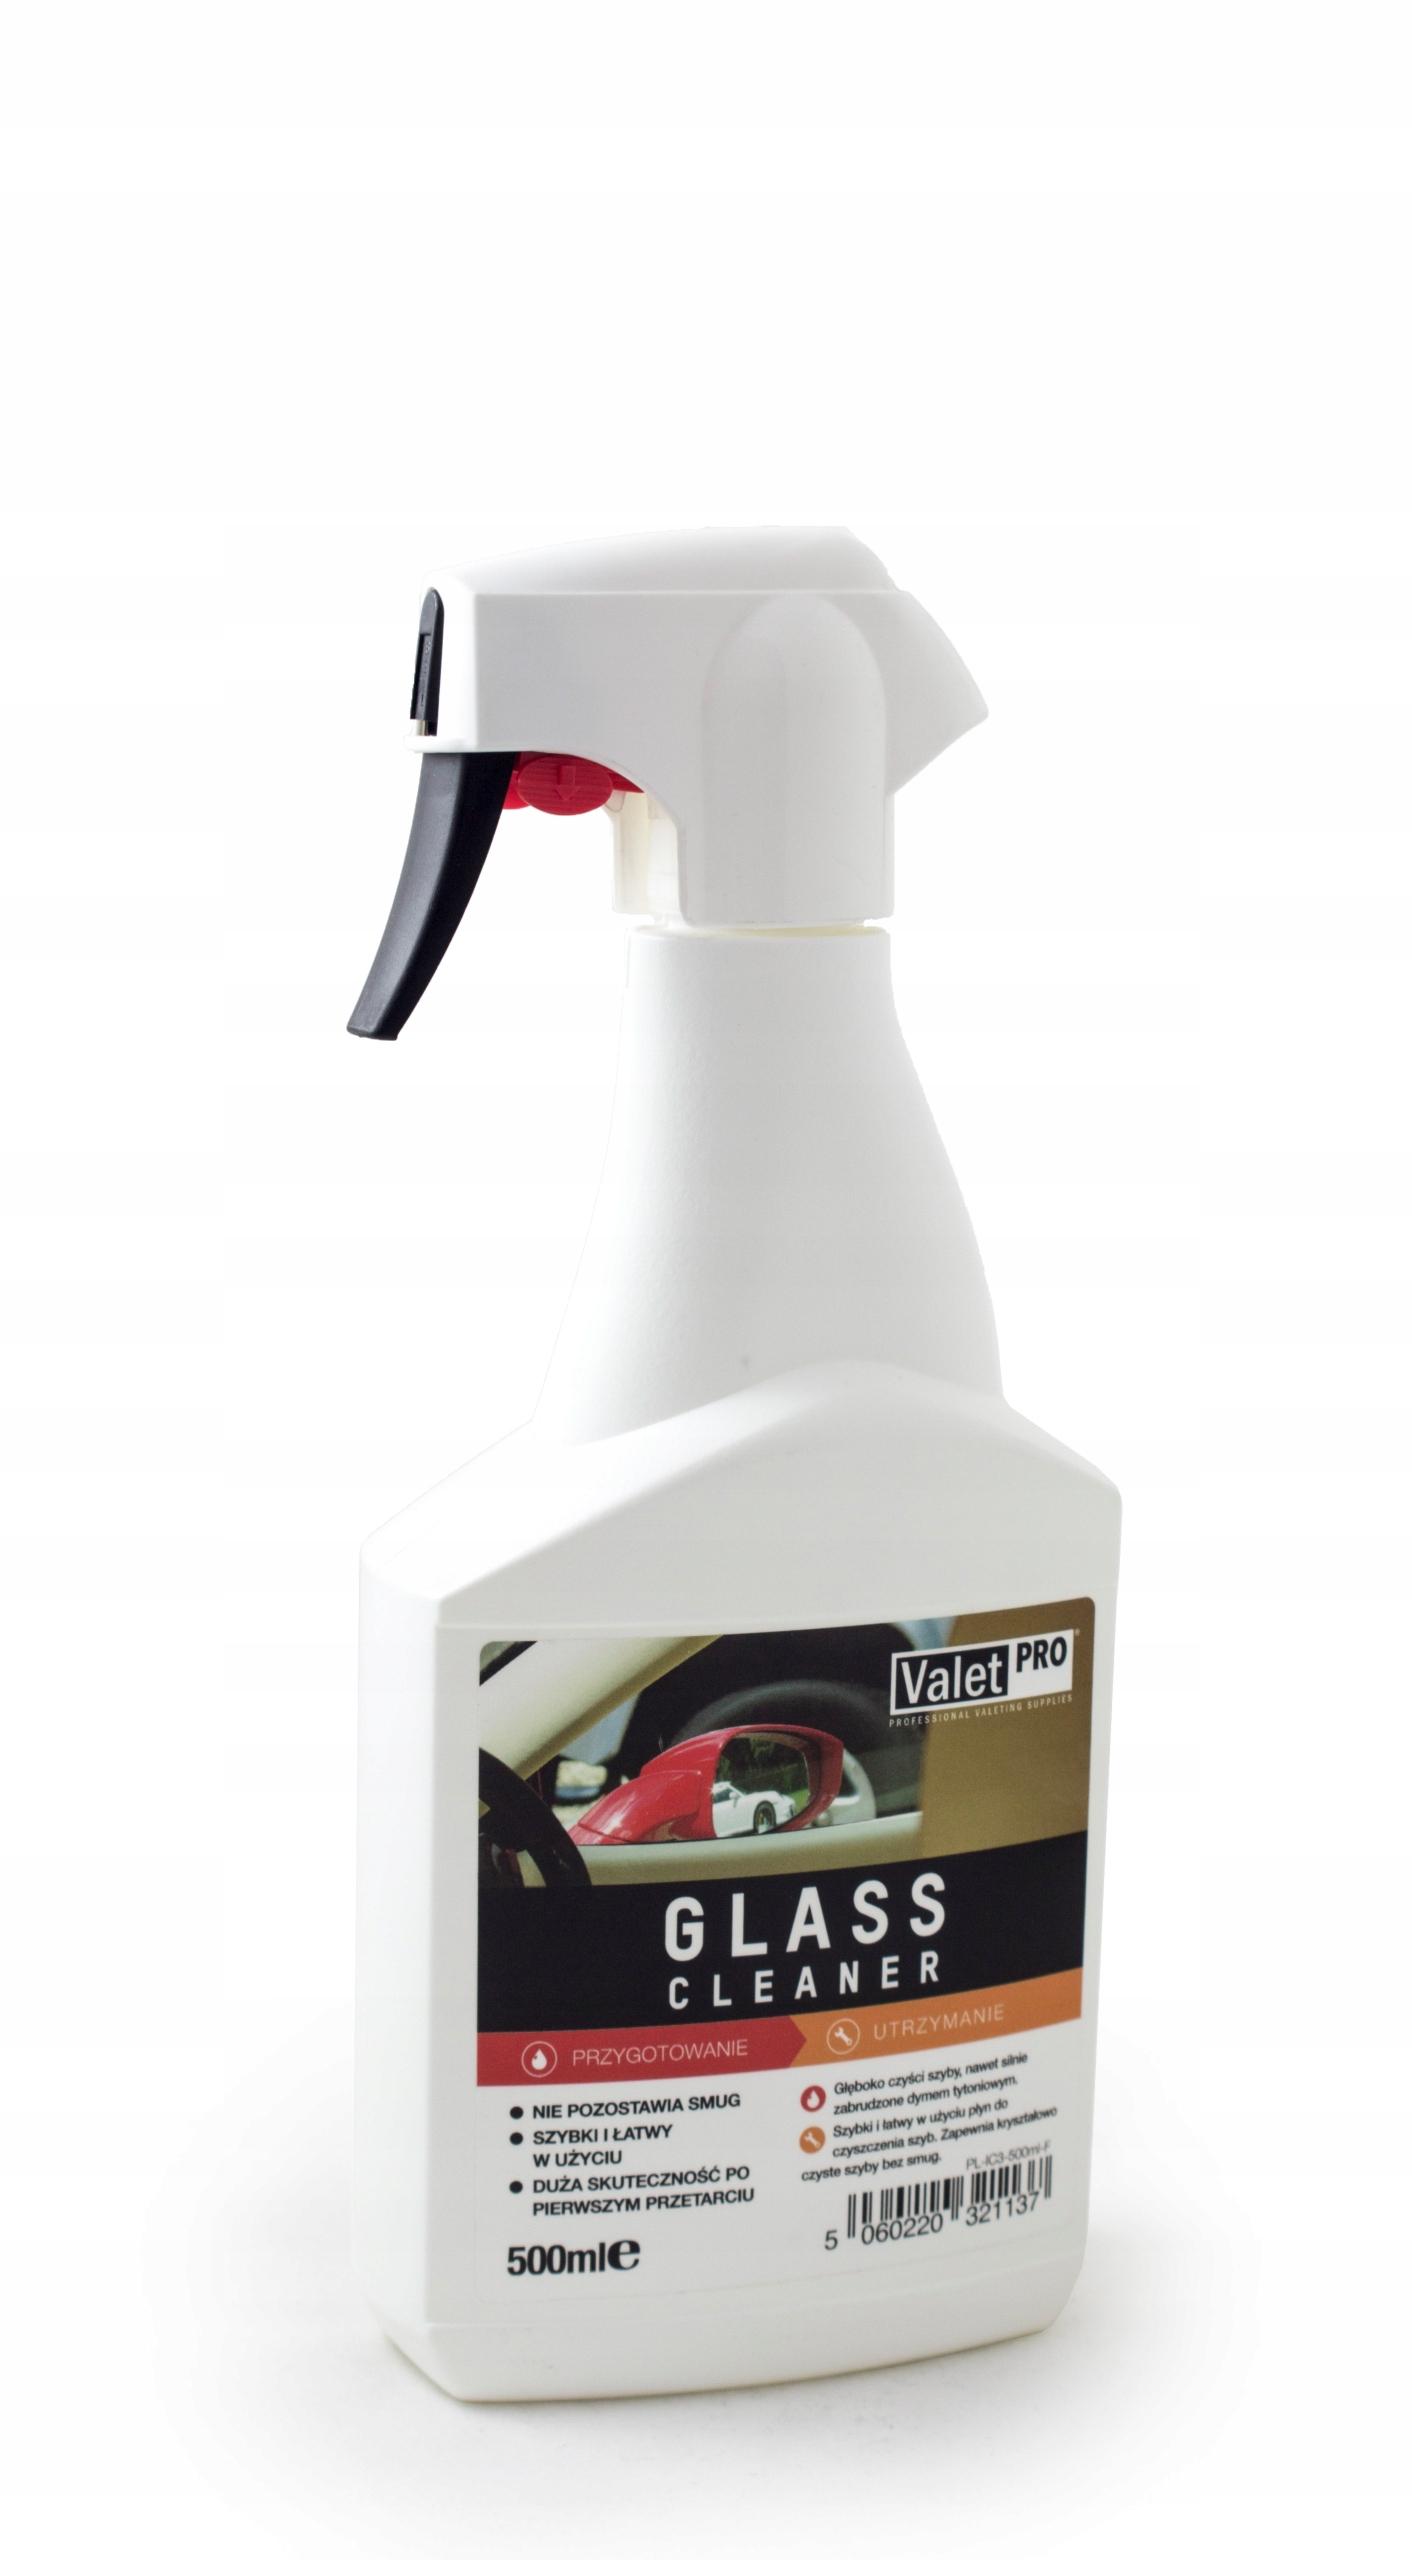 ValetPRO GLASS CLEANER MOCNY ŚRODEK DO SZYB 500ml